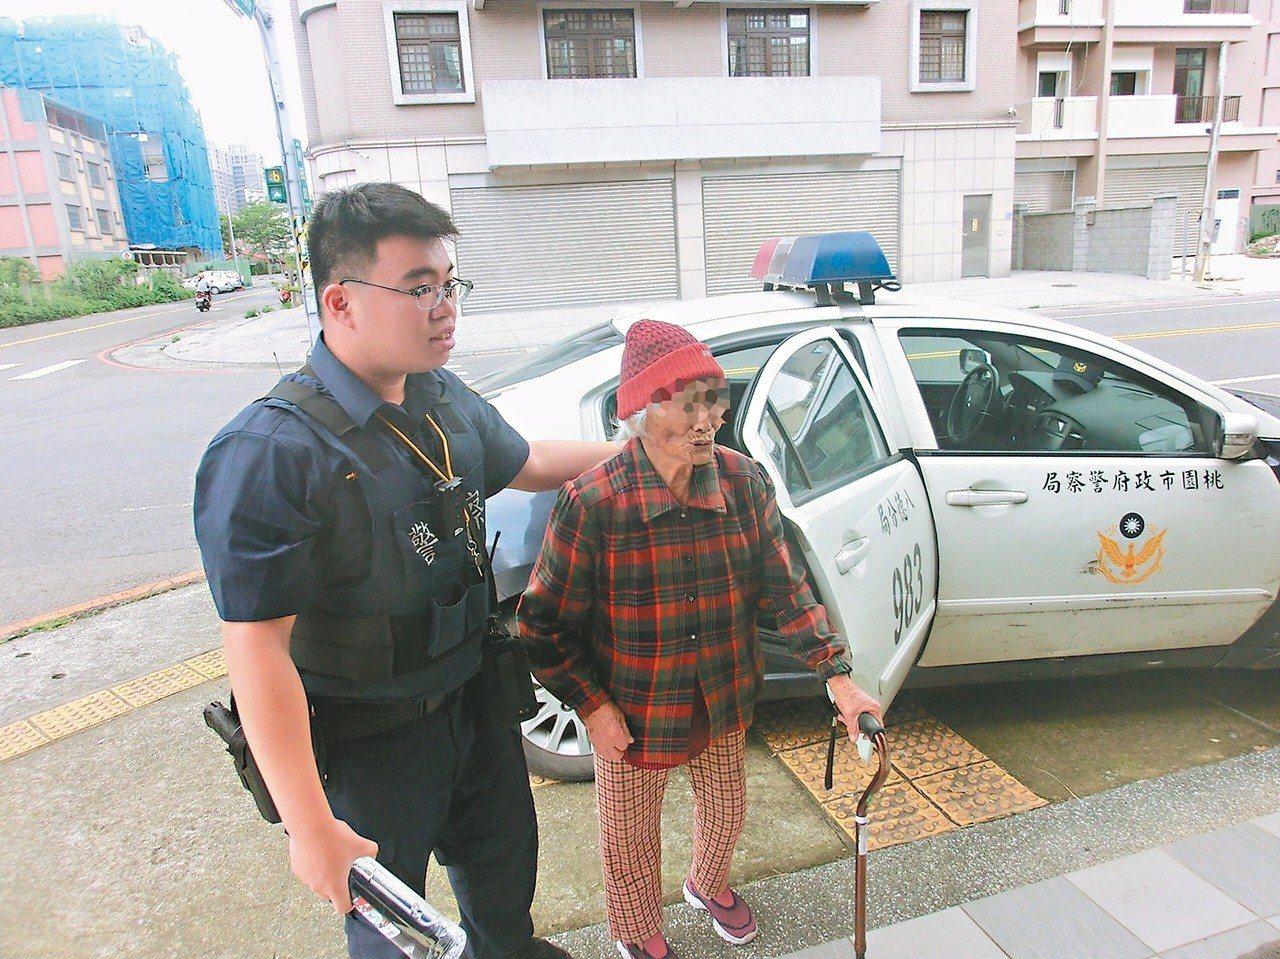 警員蔣孟辰(左)用巡邏車載輕微失智婦人,繞行八德一間間找咖啡店,幫她找到回家的路...